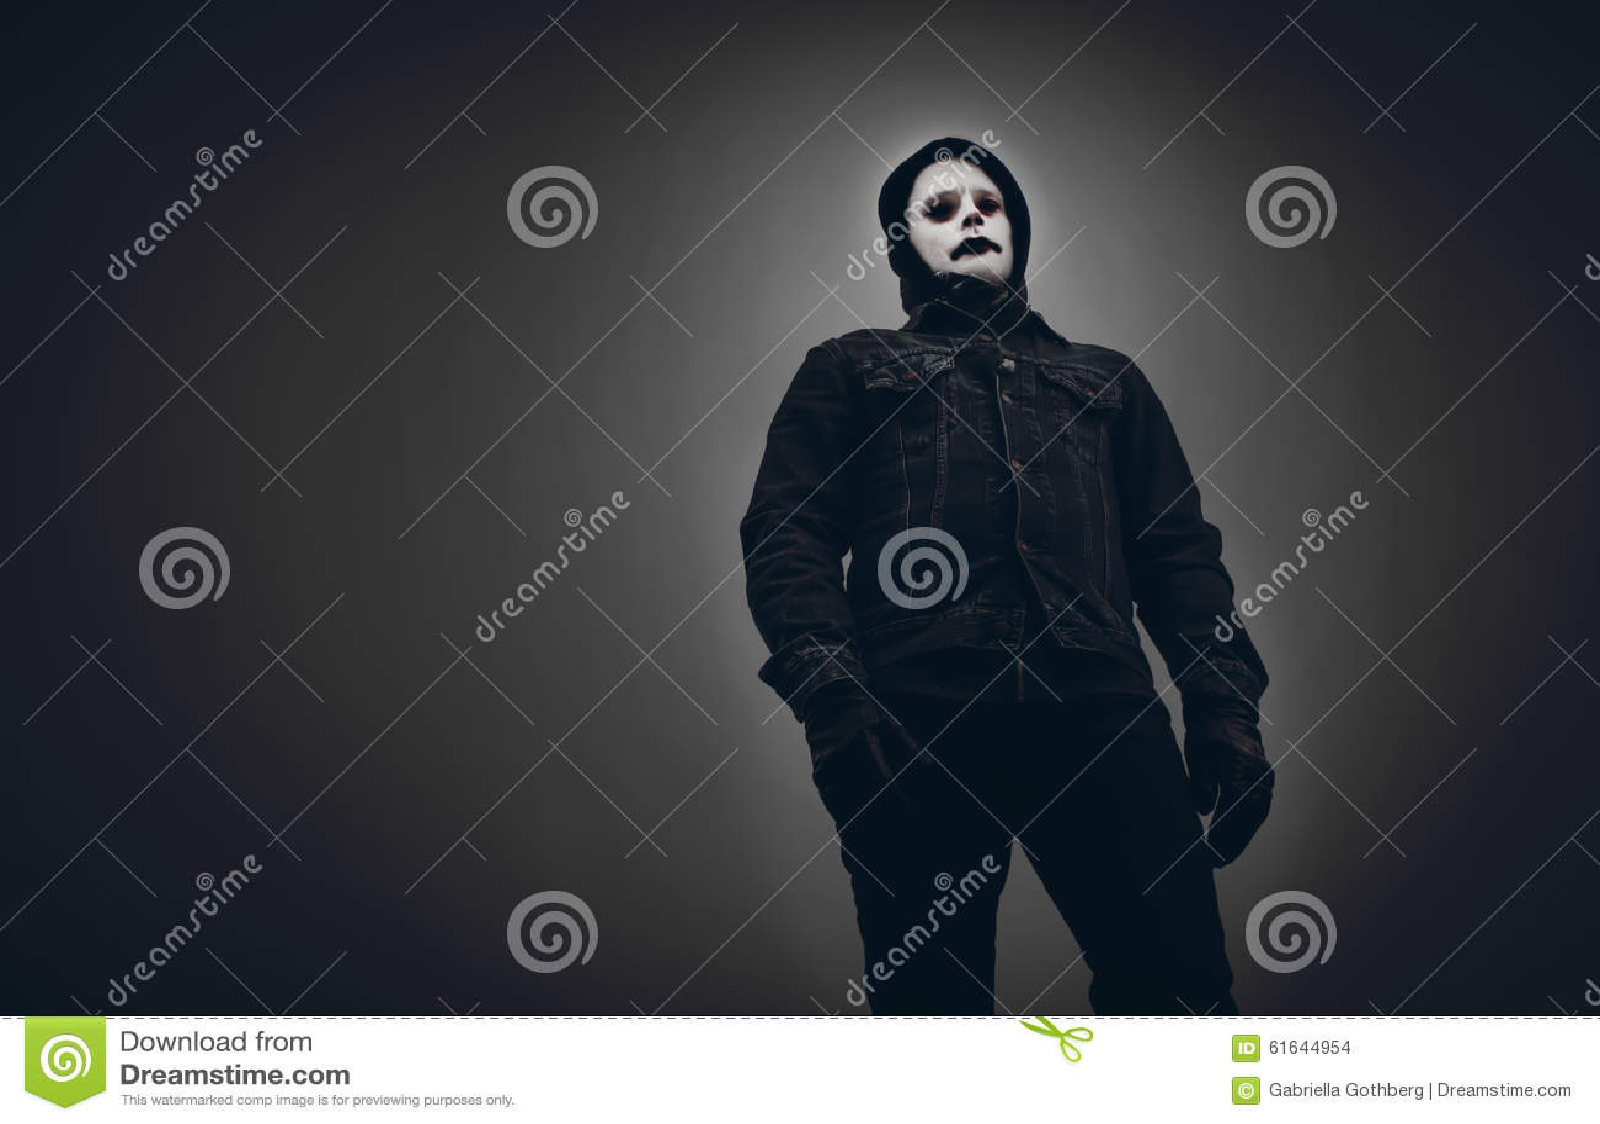 Scary looking, evil man in black hood.